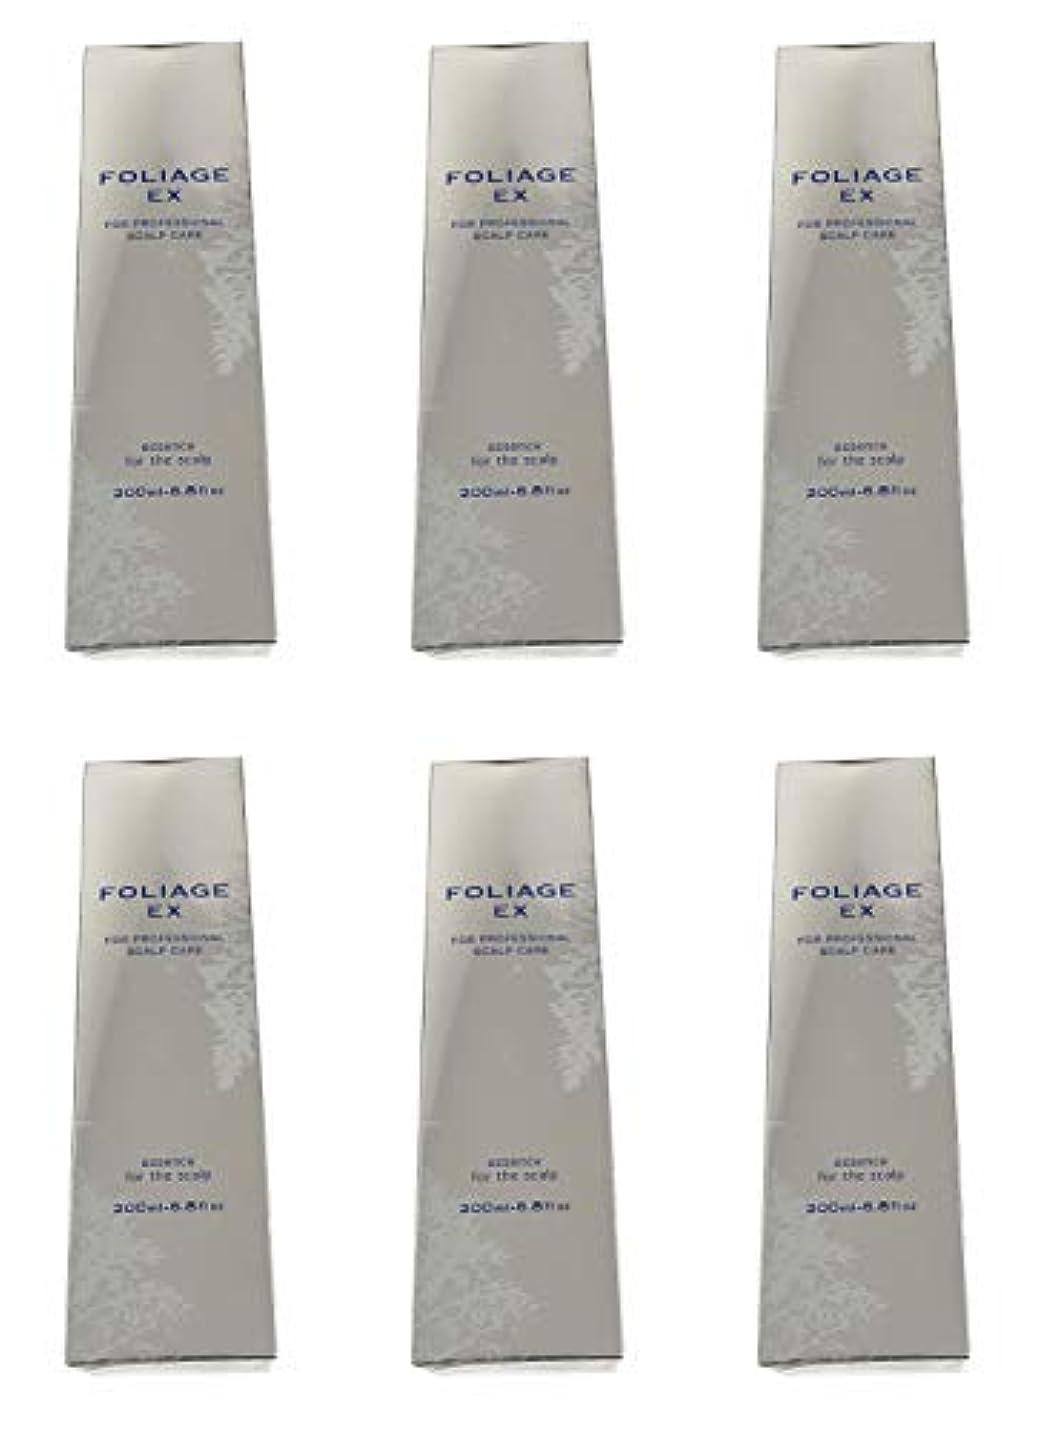 浴室癌件名中野製薬 フォリッジ スキャルプエッセンス EX-BL 200ml [医薬部外品]×6本セット